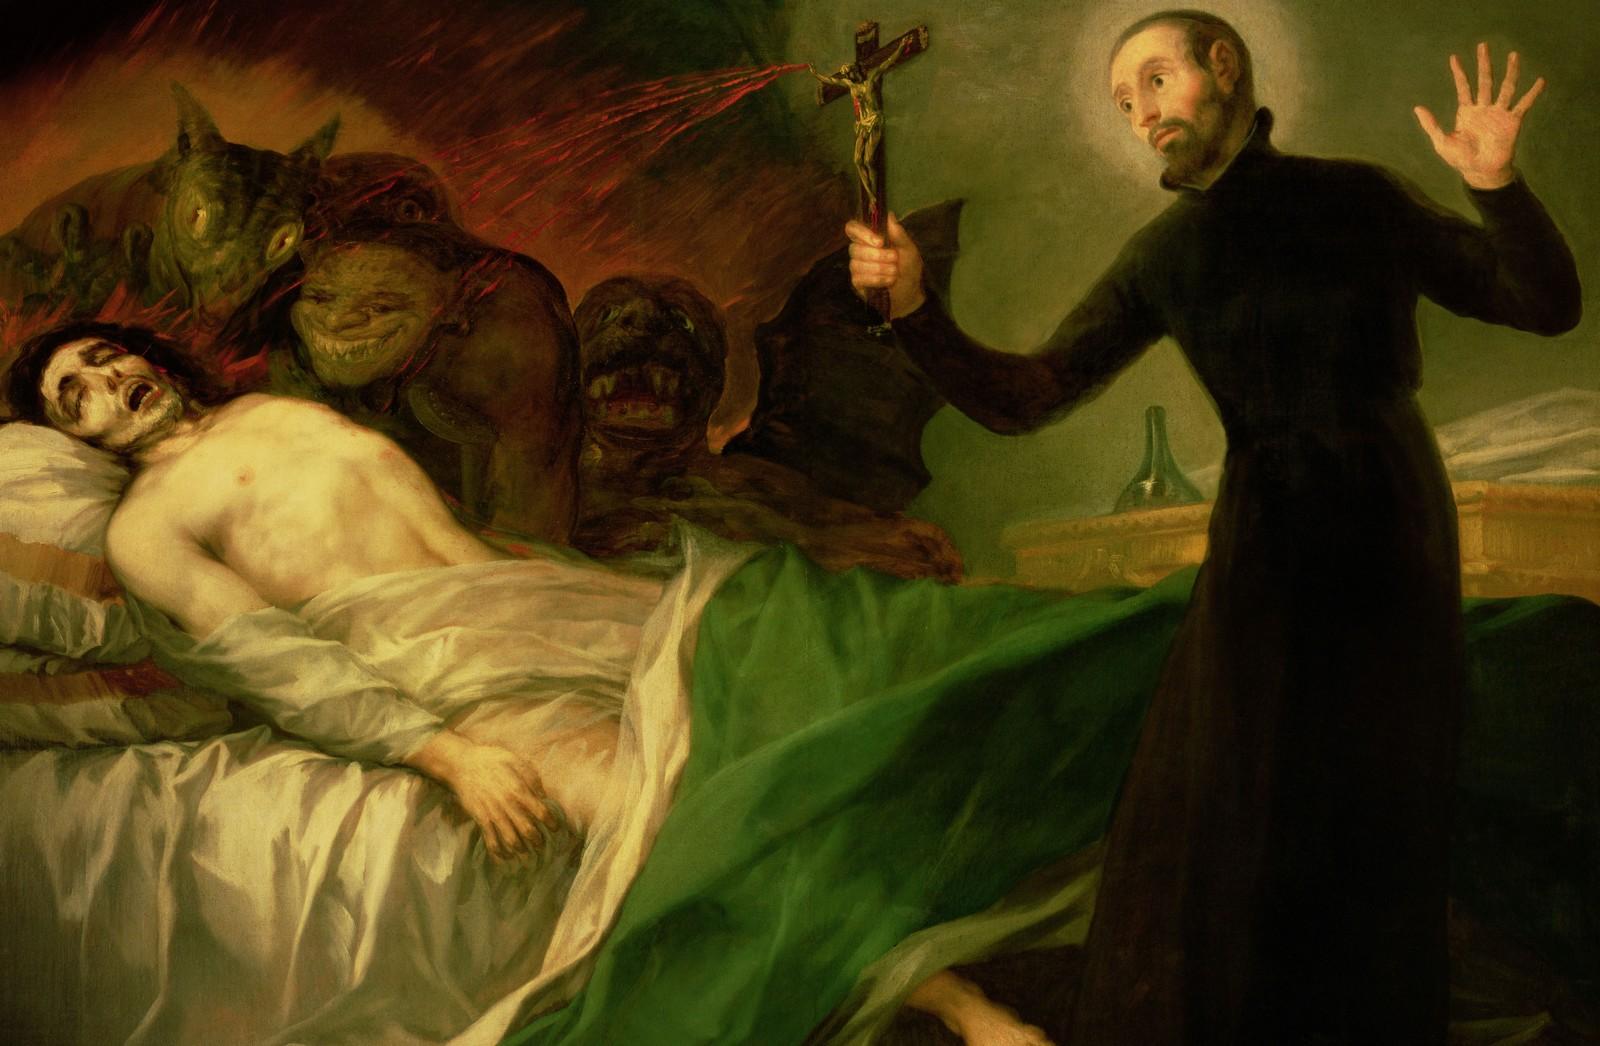 Asombrosas Revelaciones de dos Exorcistas sobre su Lucha contra el Demonio